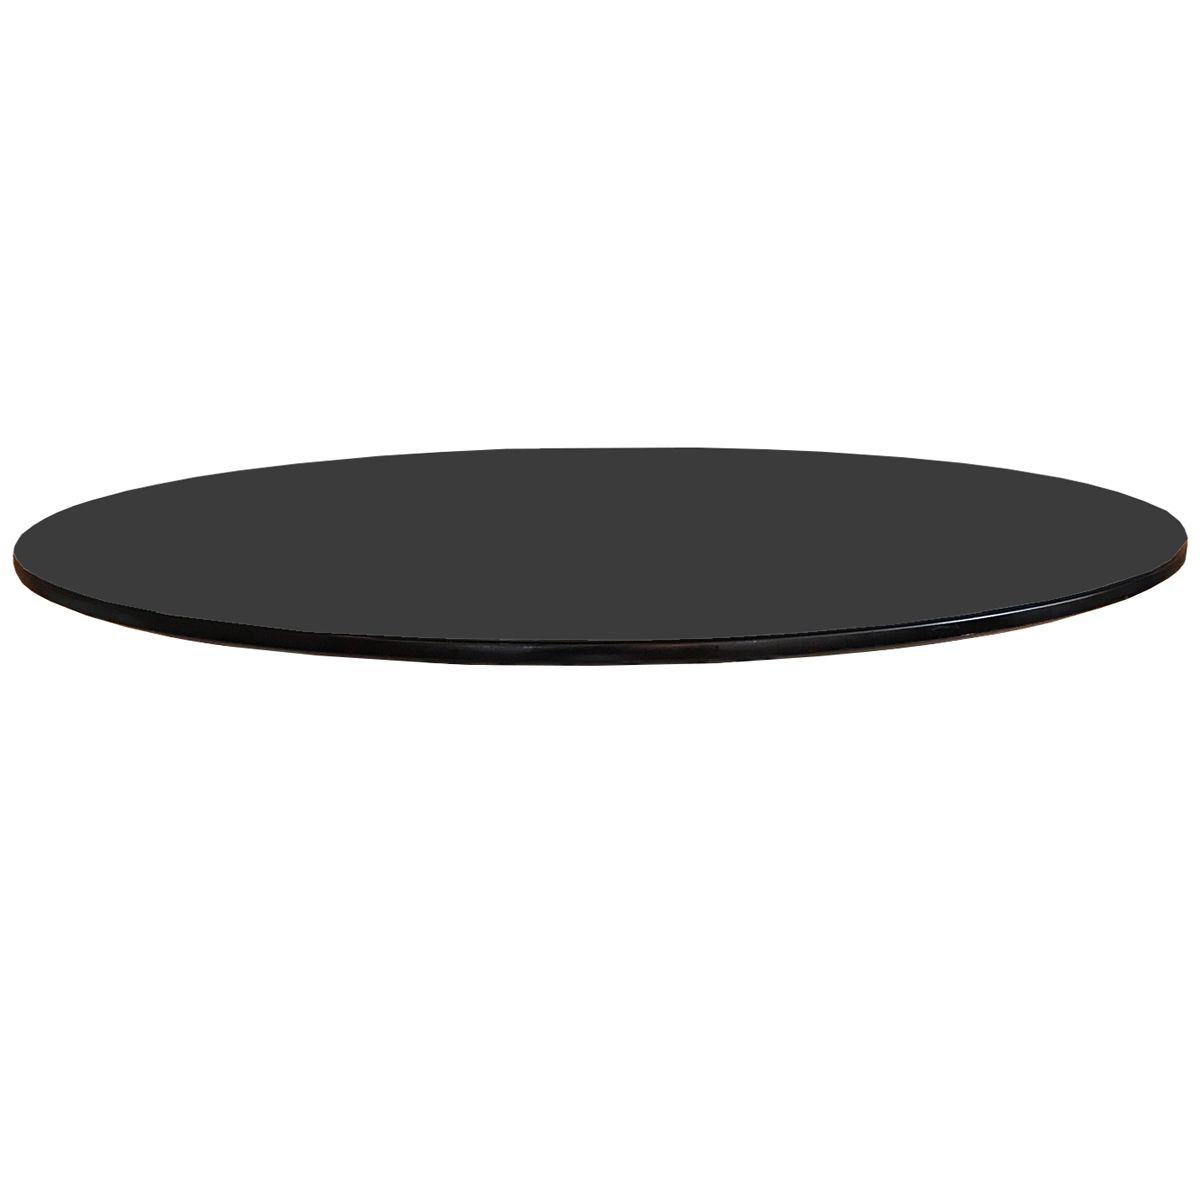 Tampo Coverglass (Vidro Sobreposto 4mm) - Vários Tamanhos